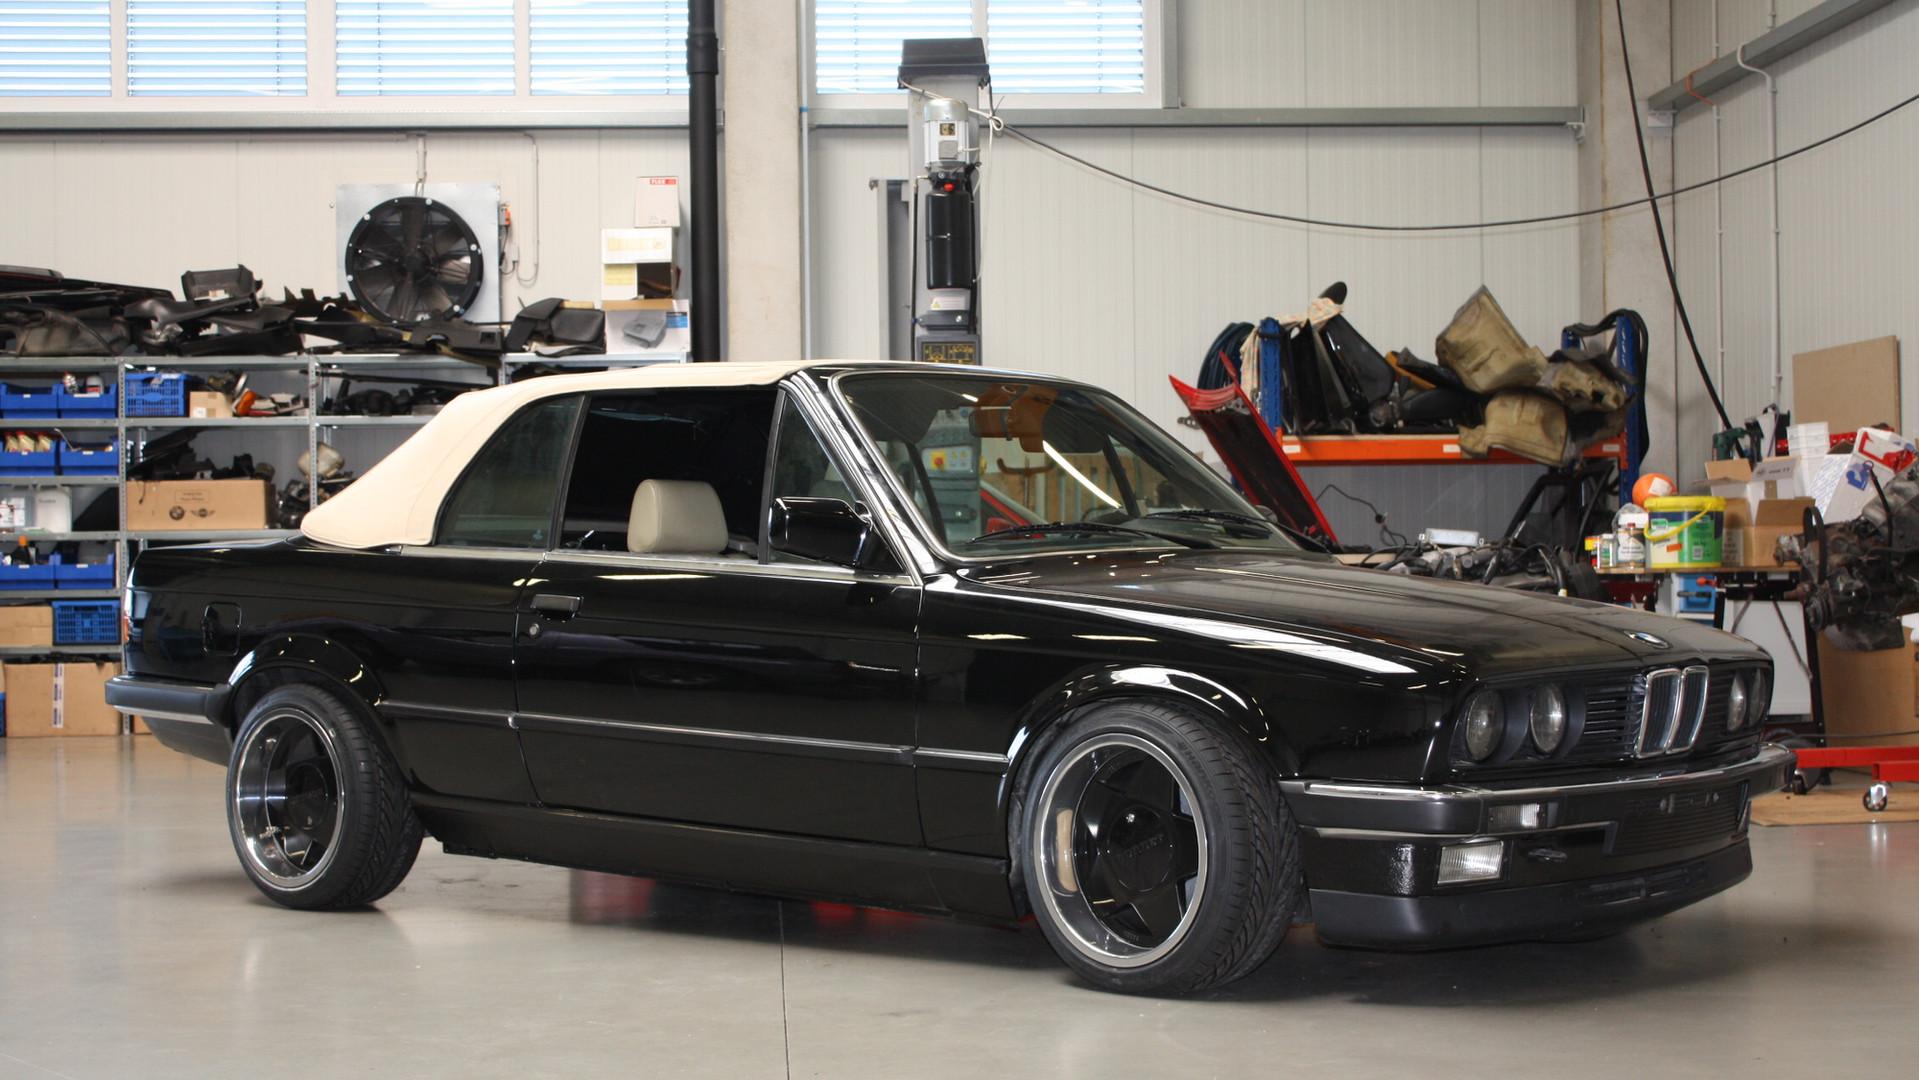 325i schwarz uni 1986.jpg